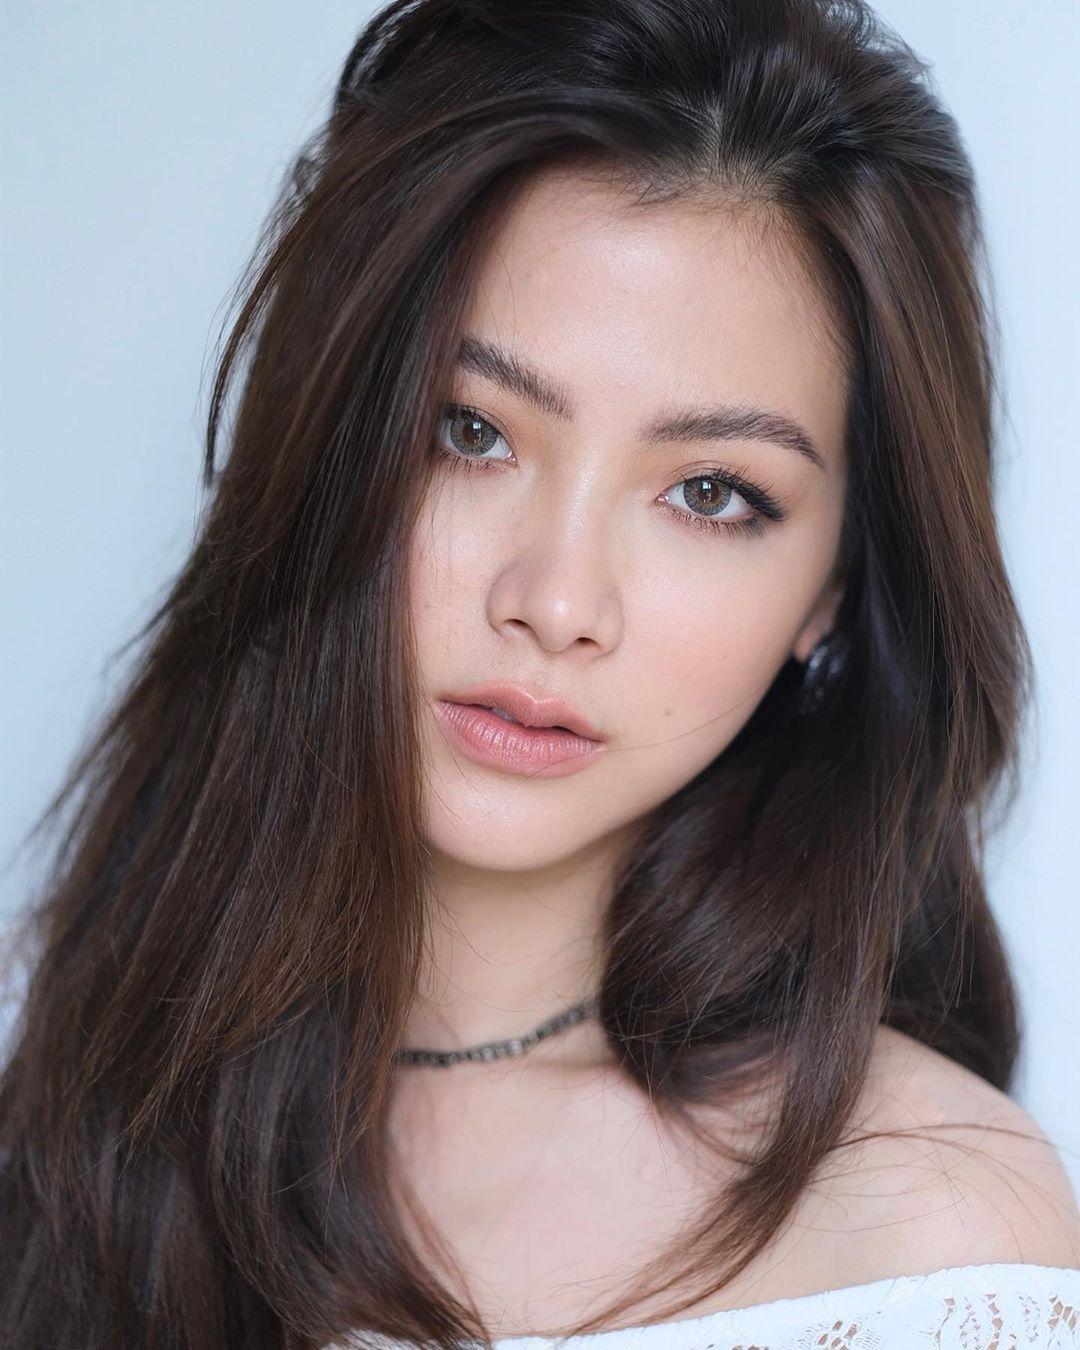 عکسهایی از بازیگر و مدل تایلندی Pimchanok Luevisadpaibul سری دوم